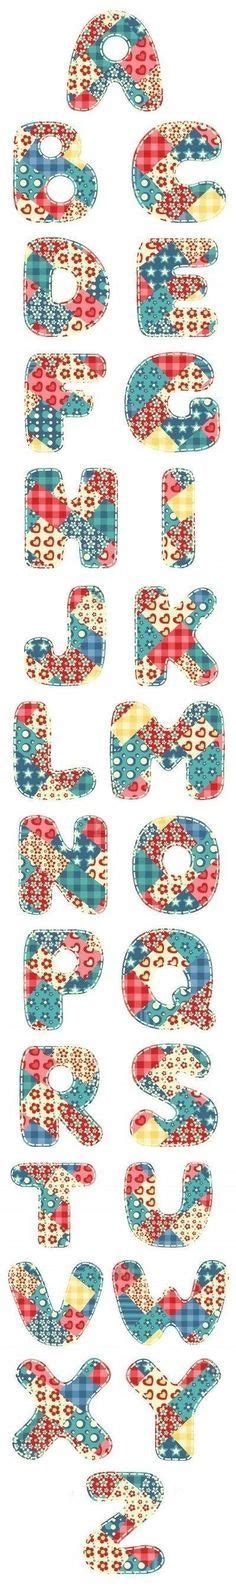 1057 melhores imagens de alfabetos letras monogramas em 2019 alphabet letters letters of